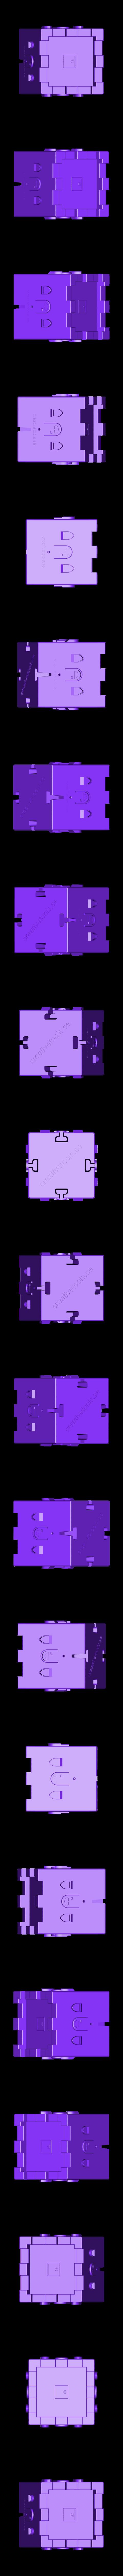 Tower_+_Closed_(Modular Castle Playset - 3D-printable)_By_CreativeTools.se.stl Télécharger fichier STL gratuit Plateau modulaire de château (imprimable en 3D) • Modèle à imprimer en 3D, CreativeTools